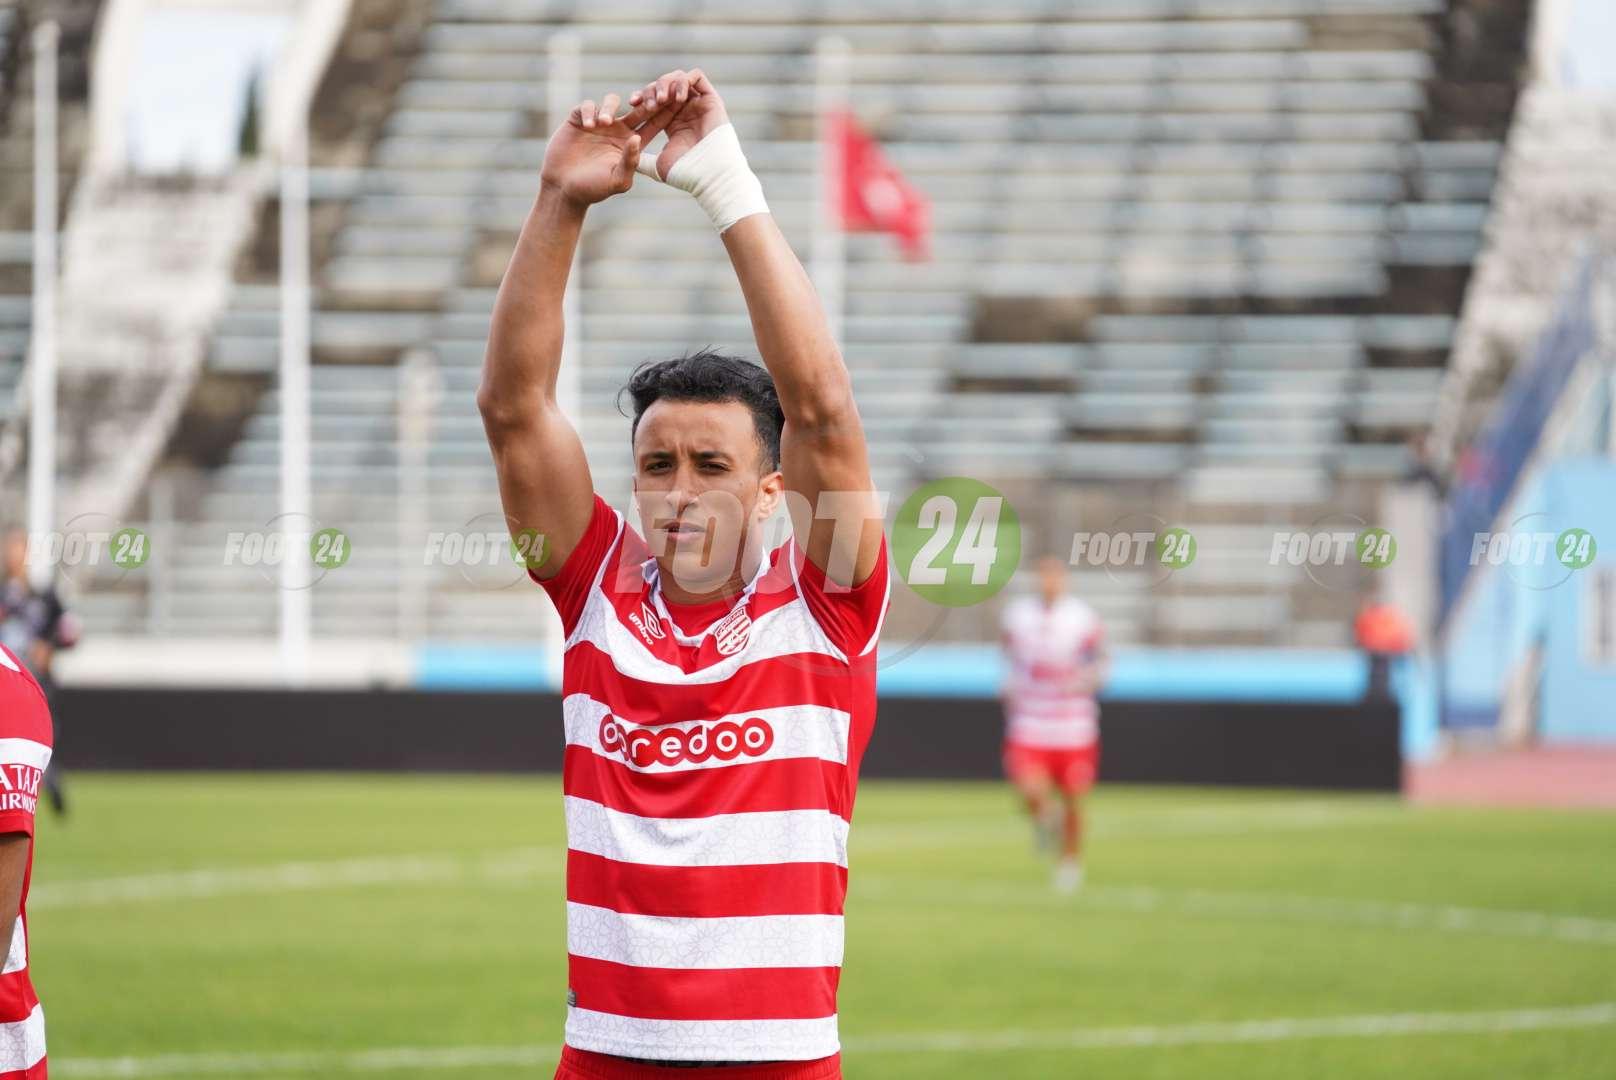 خاص فووت24: النادي الإفريقي يجدد المفاوضات مع أحمد خليل